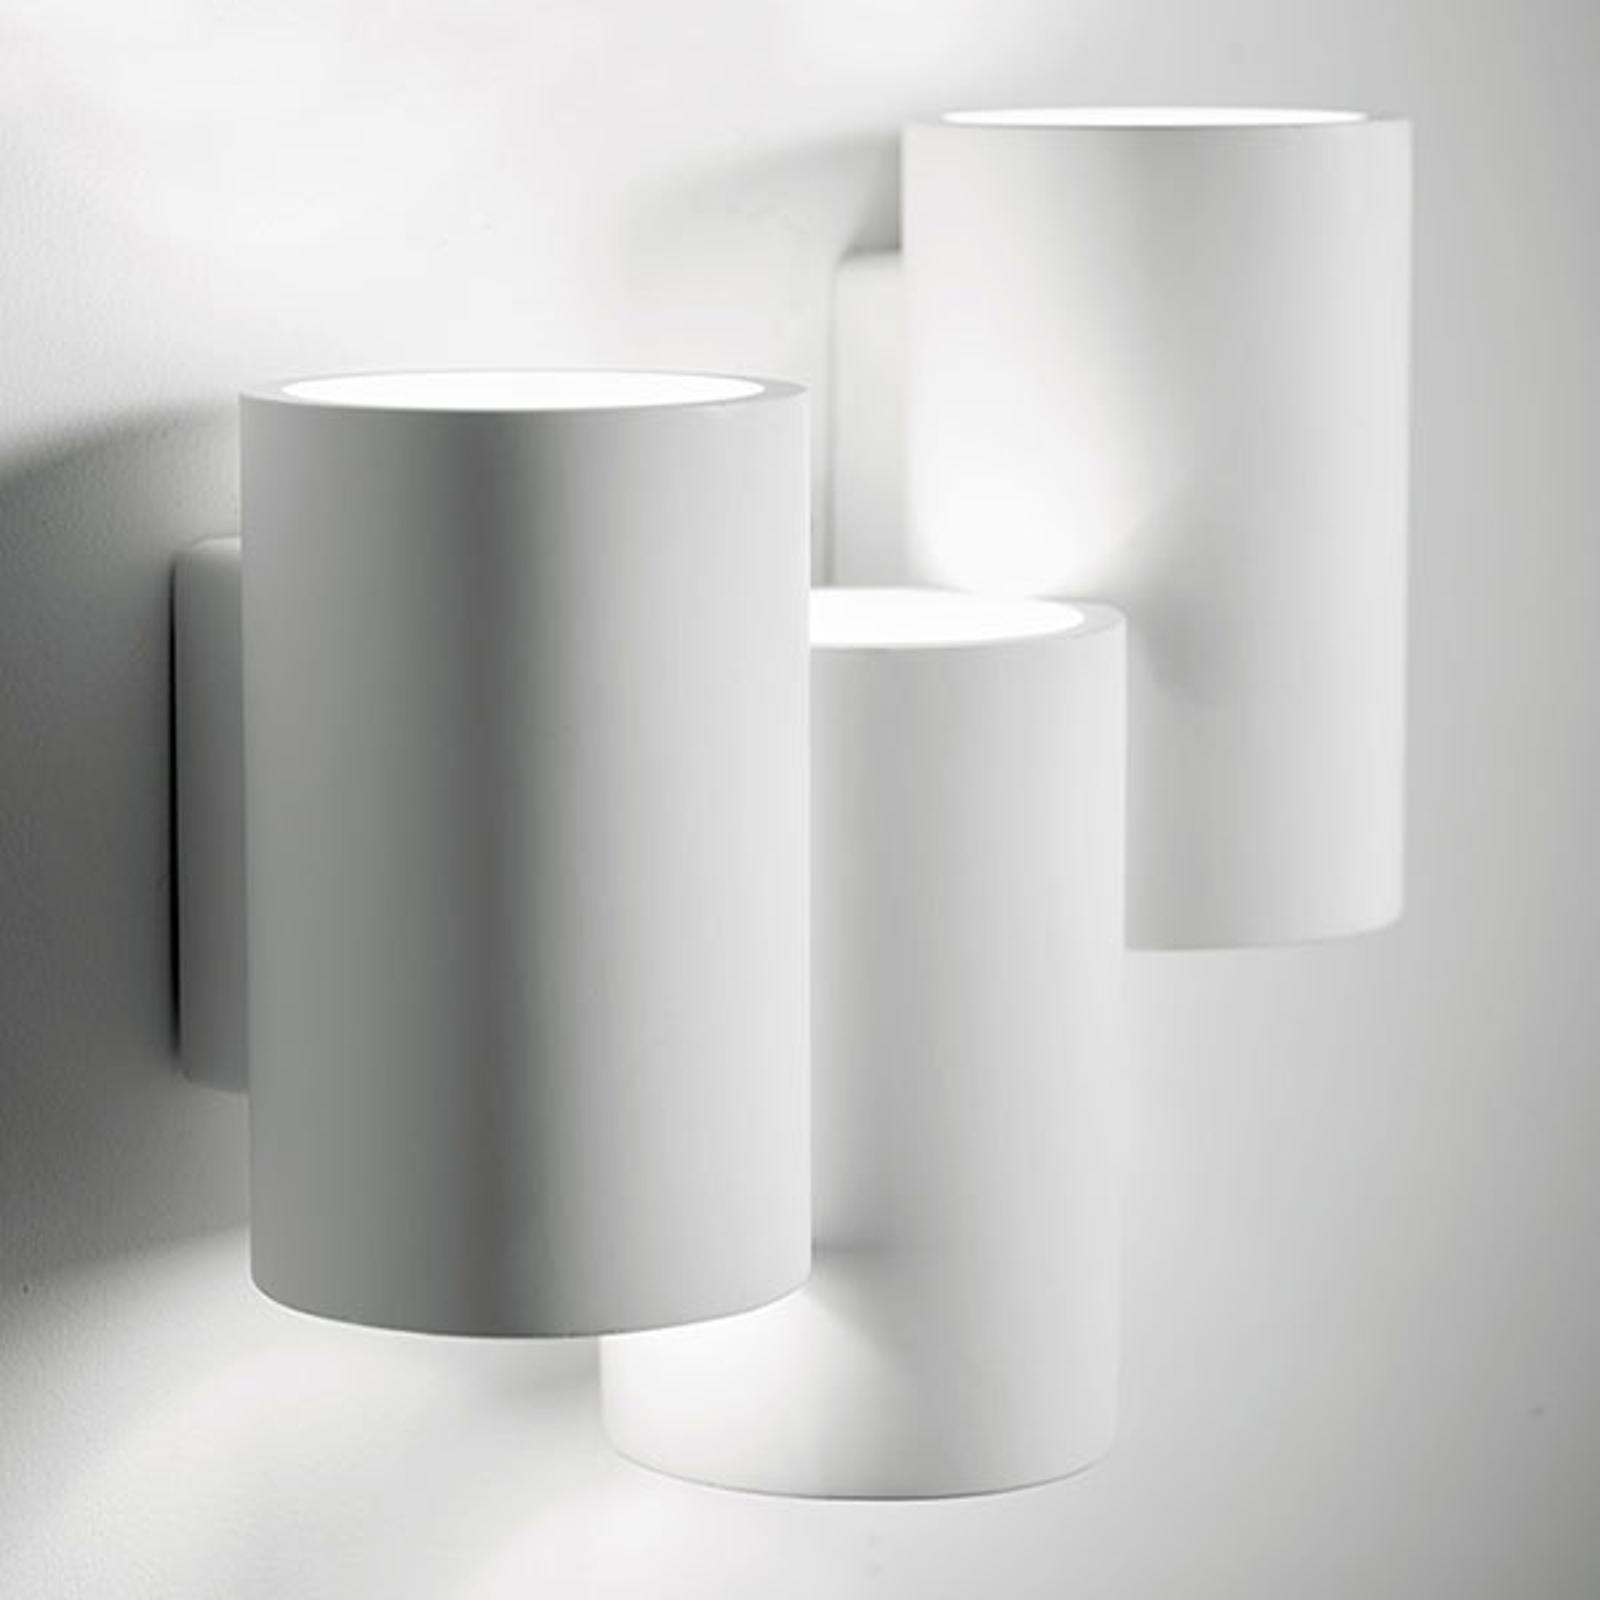 Wandlamp Arta met drie cilinders